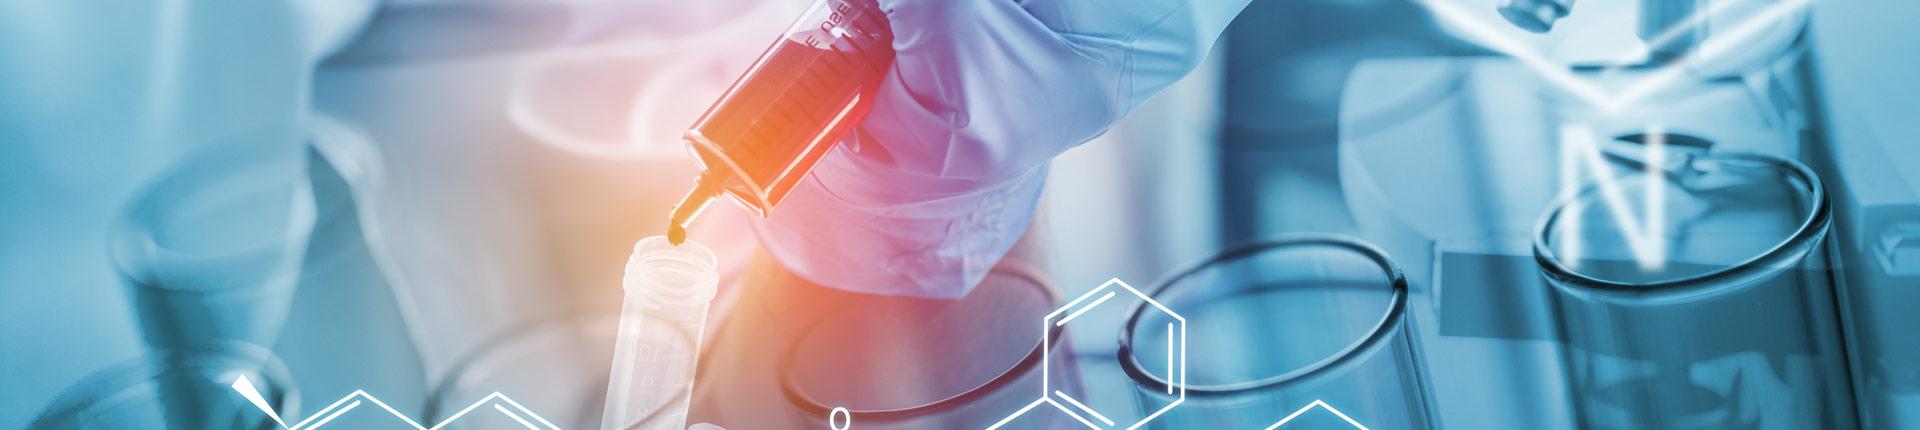 Kofeina zwiększa skuteczność oxandrolonu?